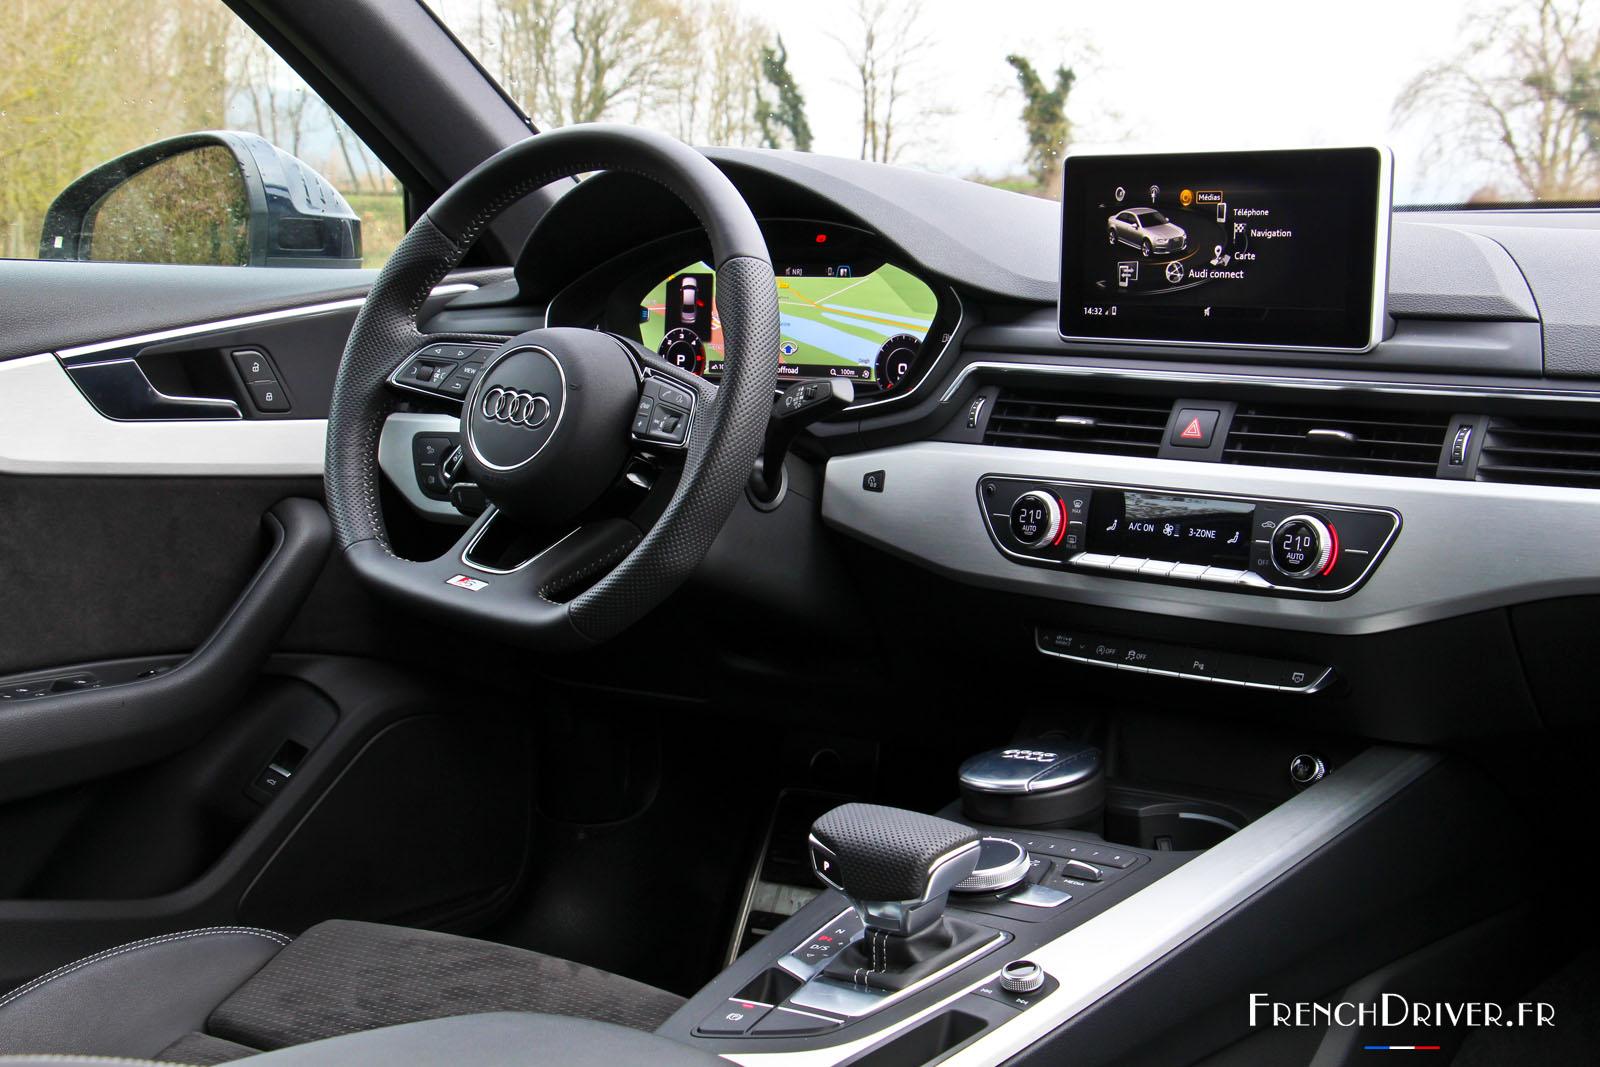 essai de la nouvelle audi a4 le plaisir automobile volue french driver. Black Bedroom Furniture Sets. Home Design Ideas